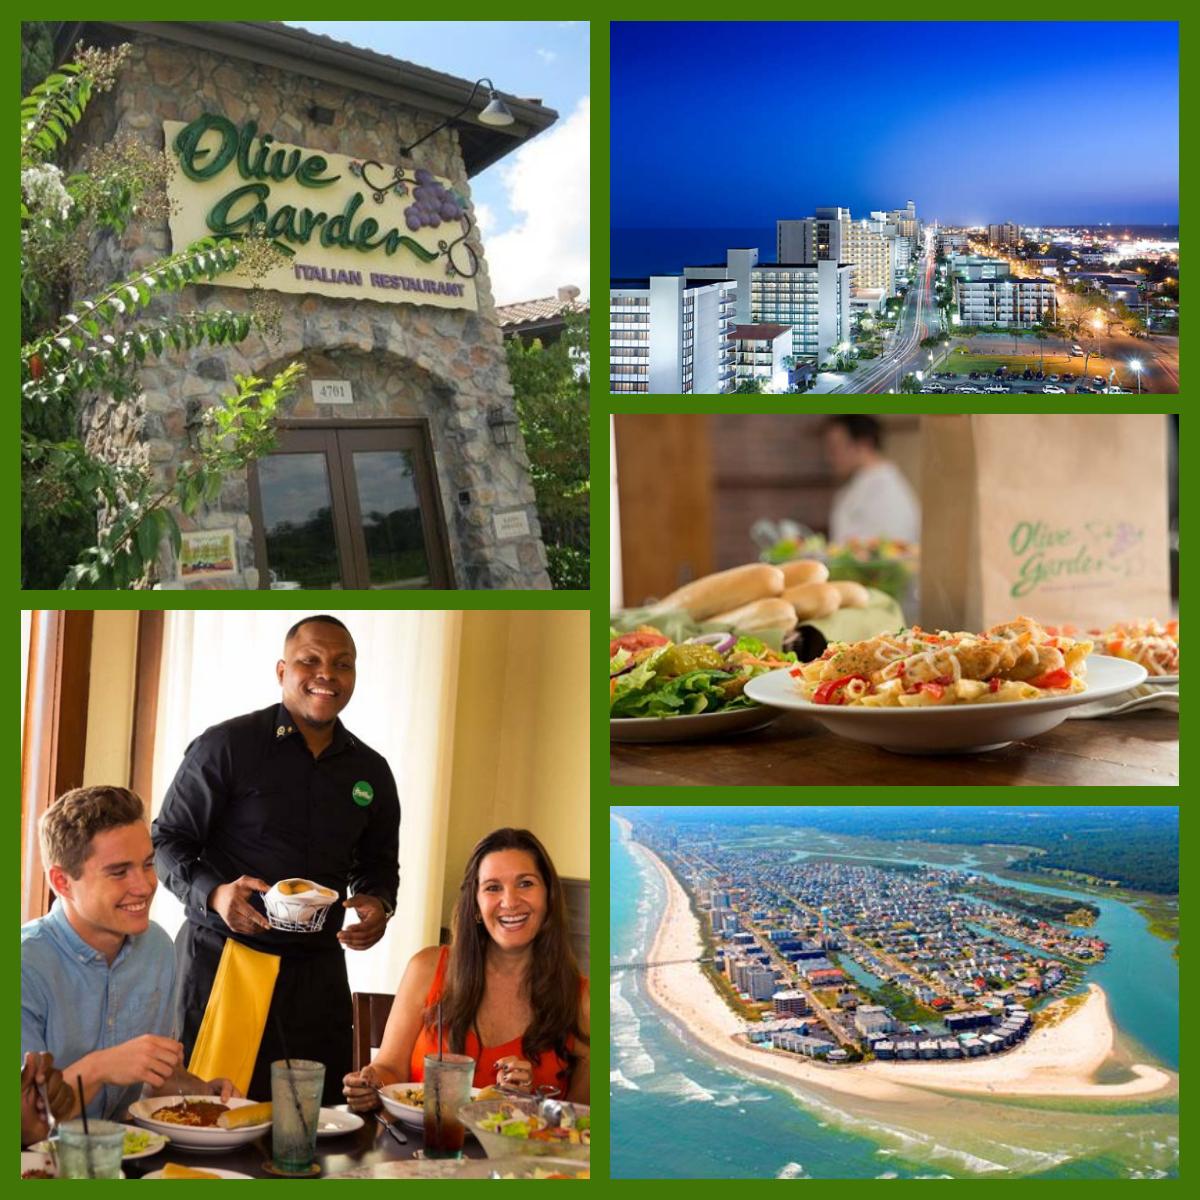 Olive Garden - Myrtle Beach, SC